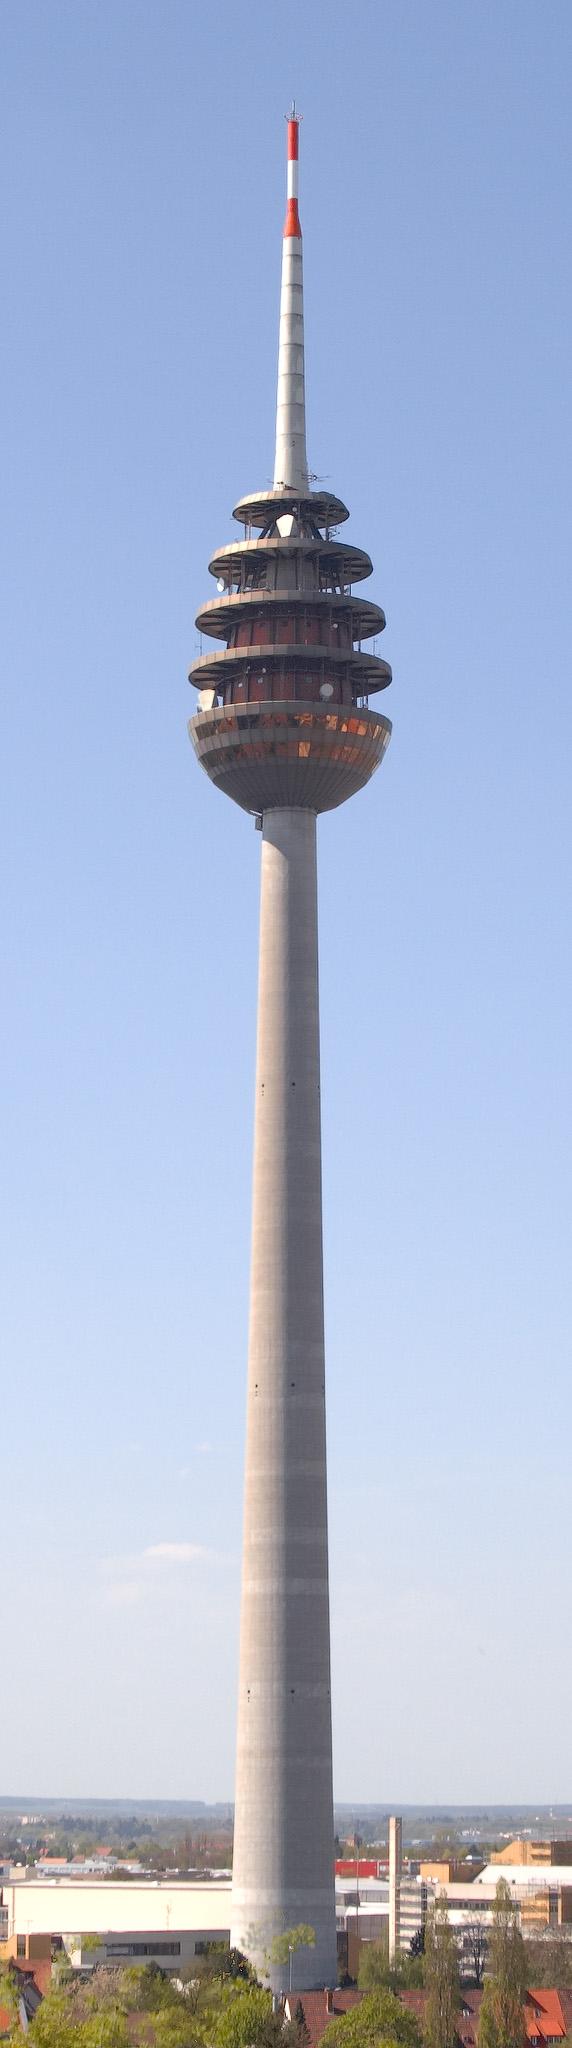 Fernmeldeturm Nürnberg